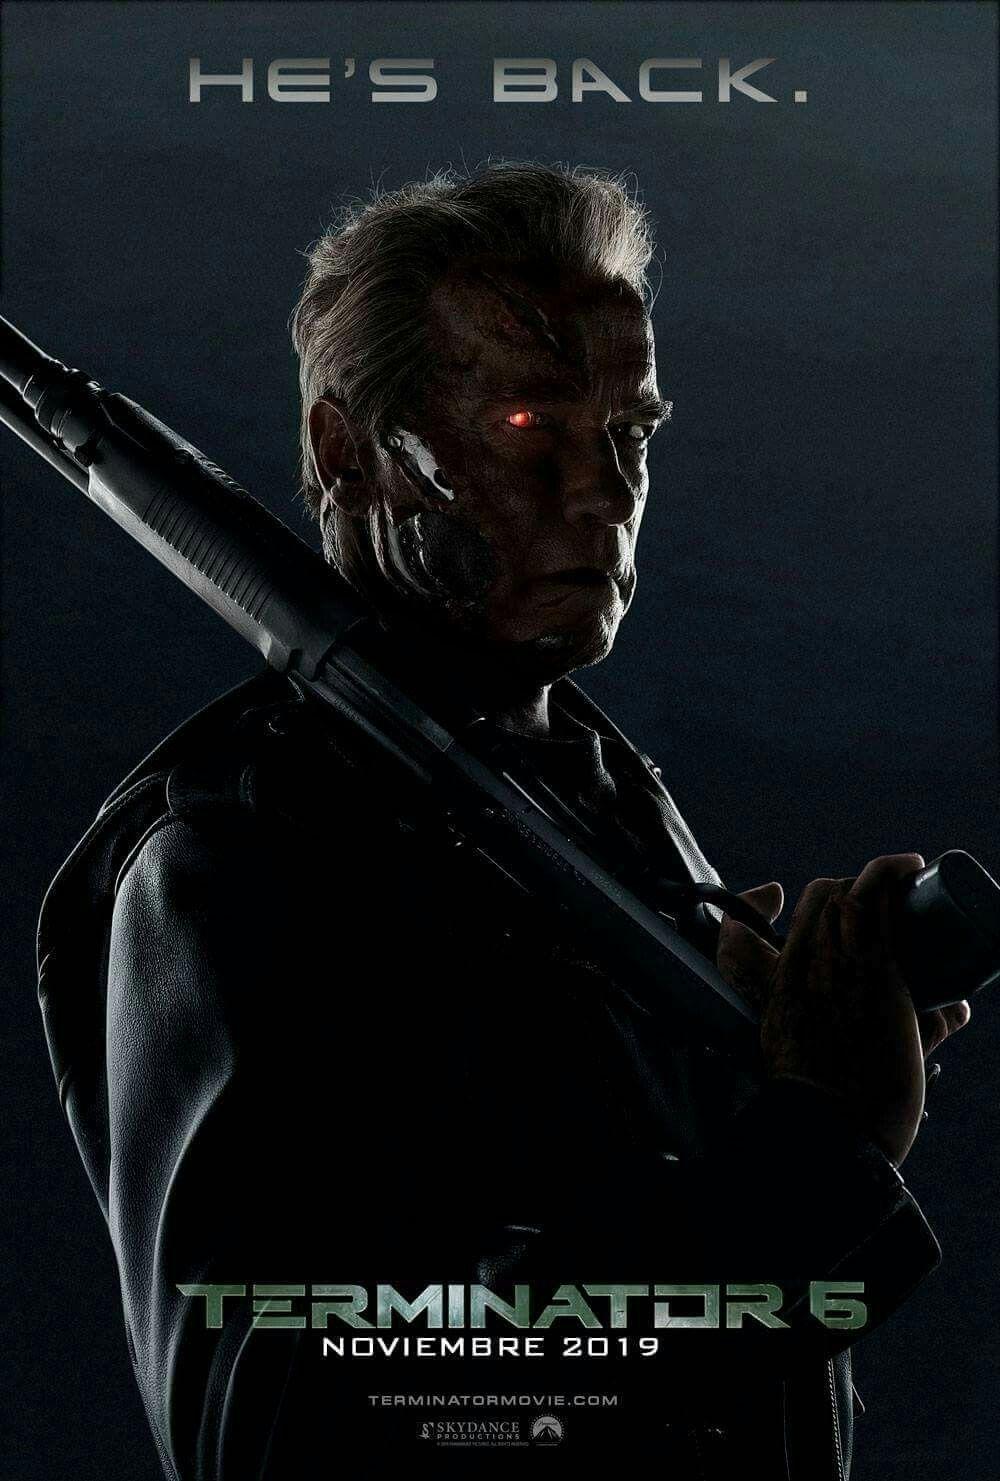 فيلم Terminator: Dark Fate 2019 HDCAM مترجم بدون اعلانات